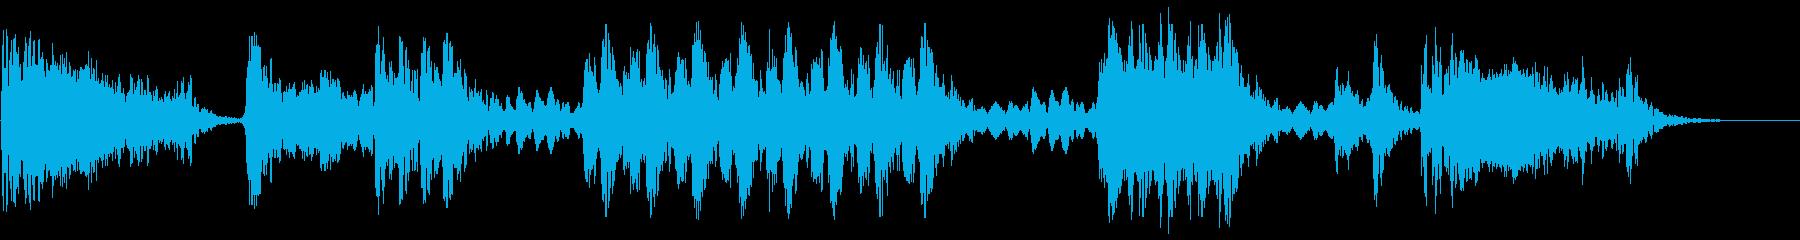 大規模なハイテクスキャンチャンバ:...の再生済みの波形